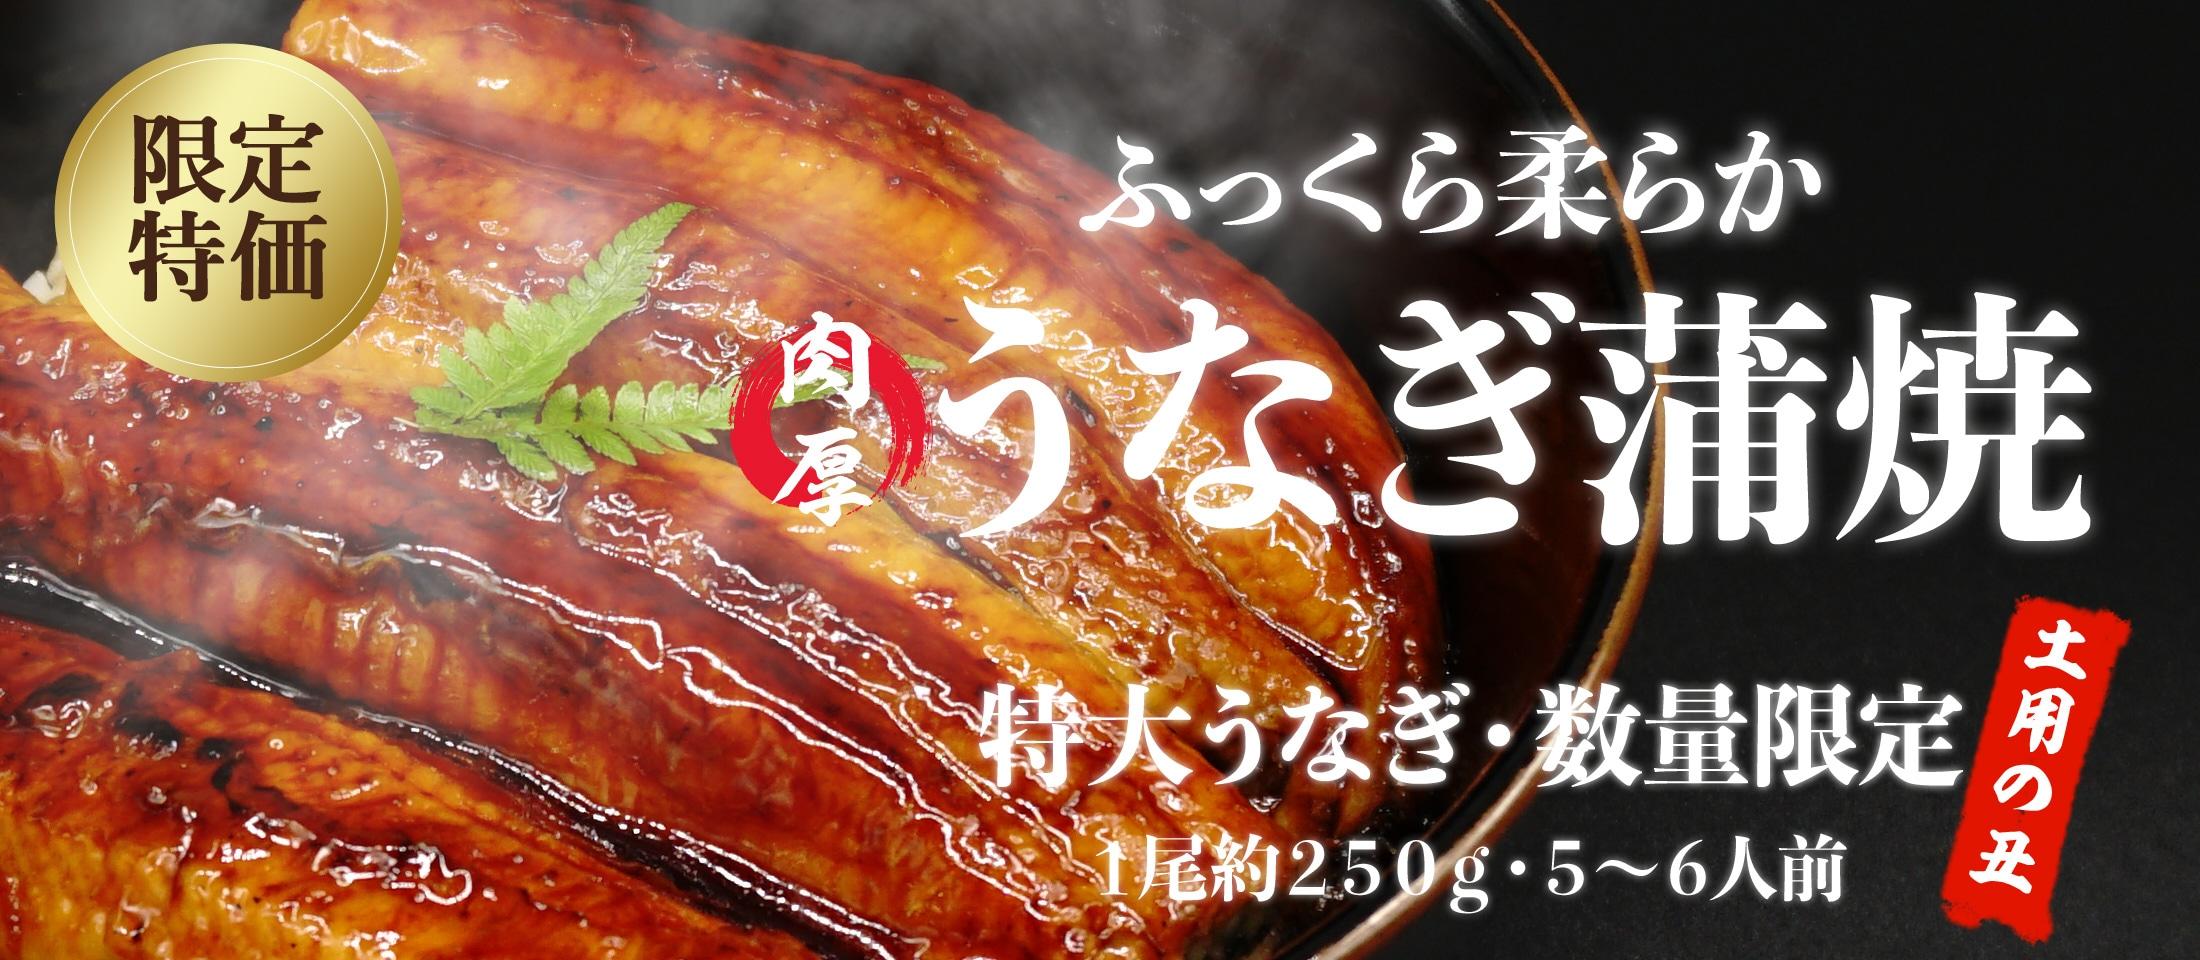 今年も熱い!暑い季節も乗り切ろう!限定特大サイズの鰻特集 業務用食品・冷凍食品おすすめ 業務用食品・冷凍食品の通販 |ナカヤマフーズ